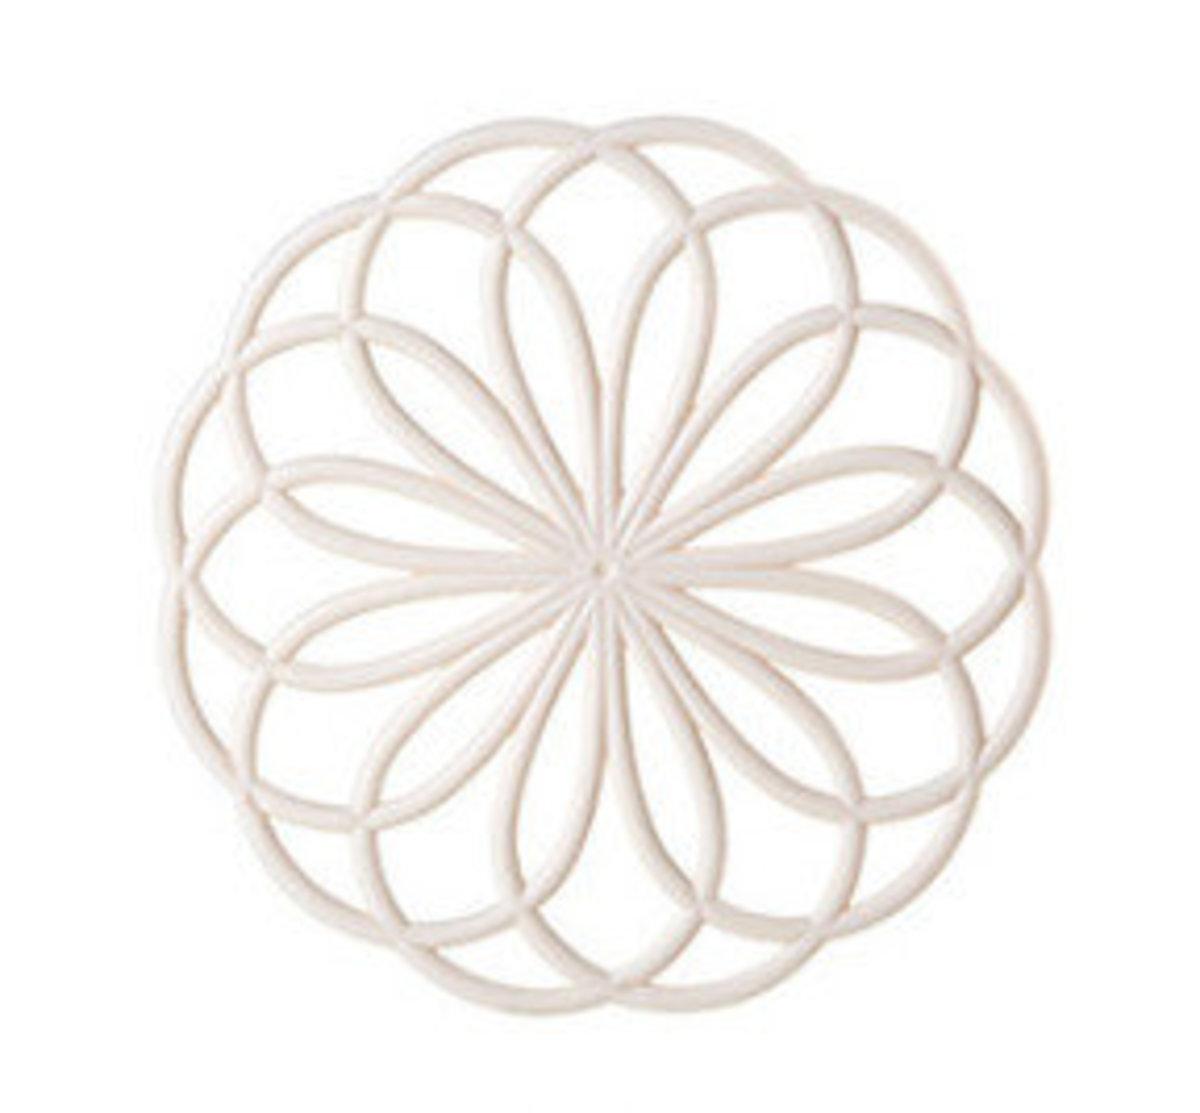 創意鏤空花花圓形防滑鍋墊(米白)